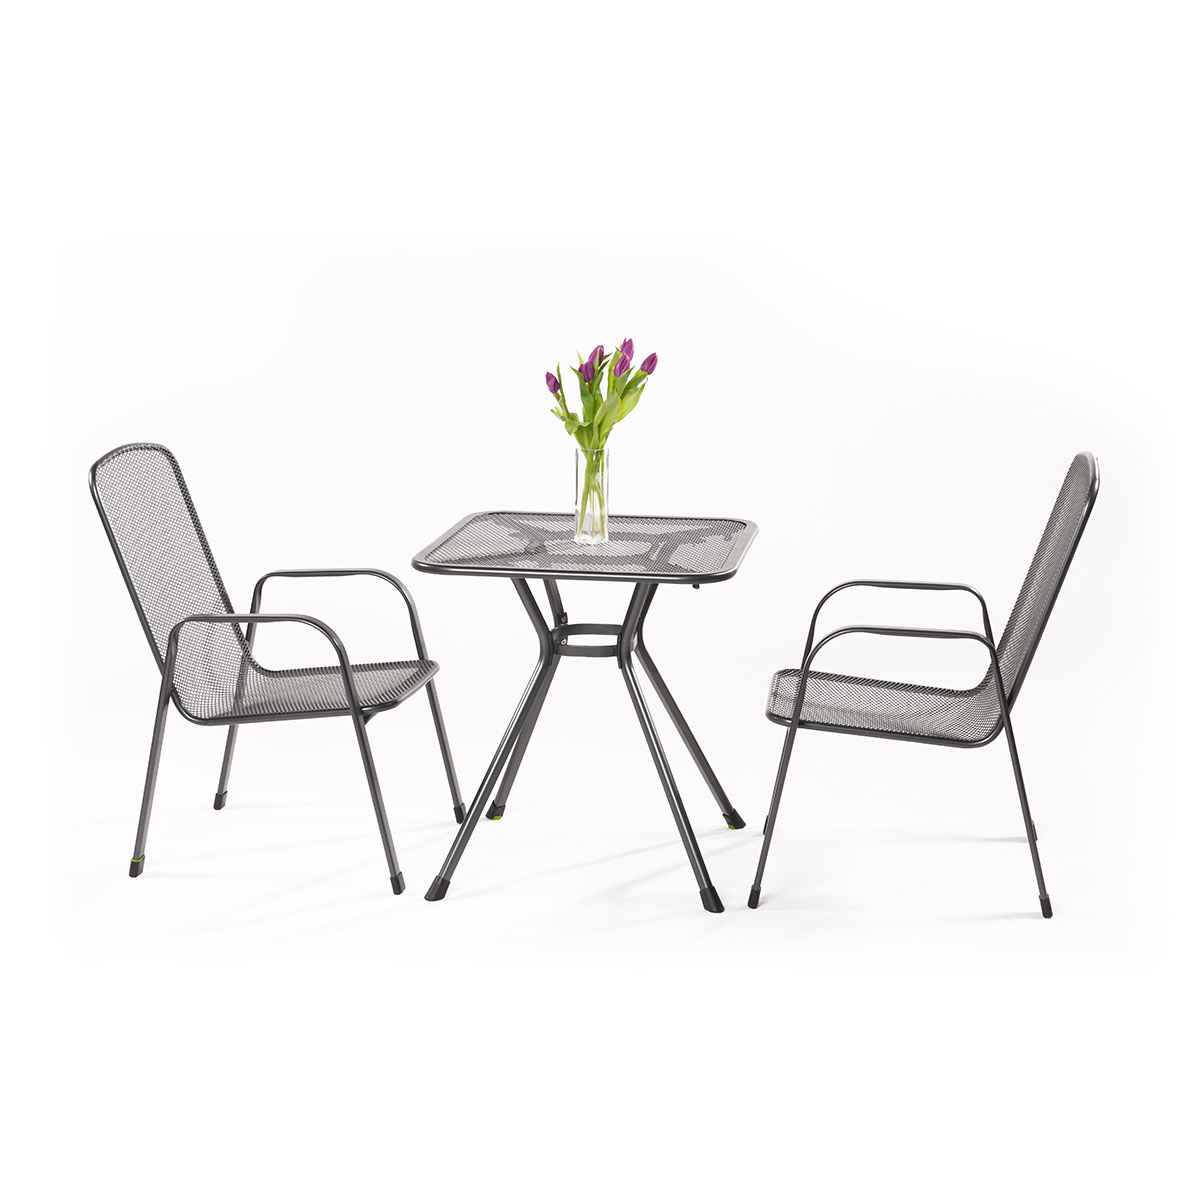 zahradní sestava (2x židle Savoy Basic, 1x stůl Tavio) Garland Sabi 2+